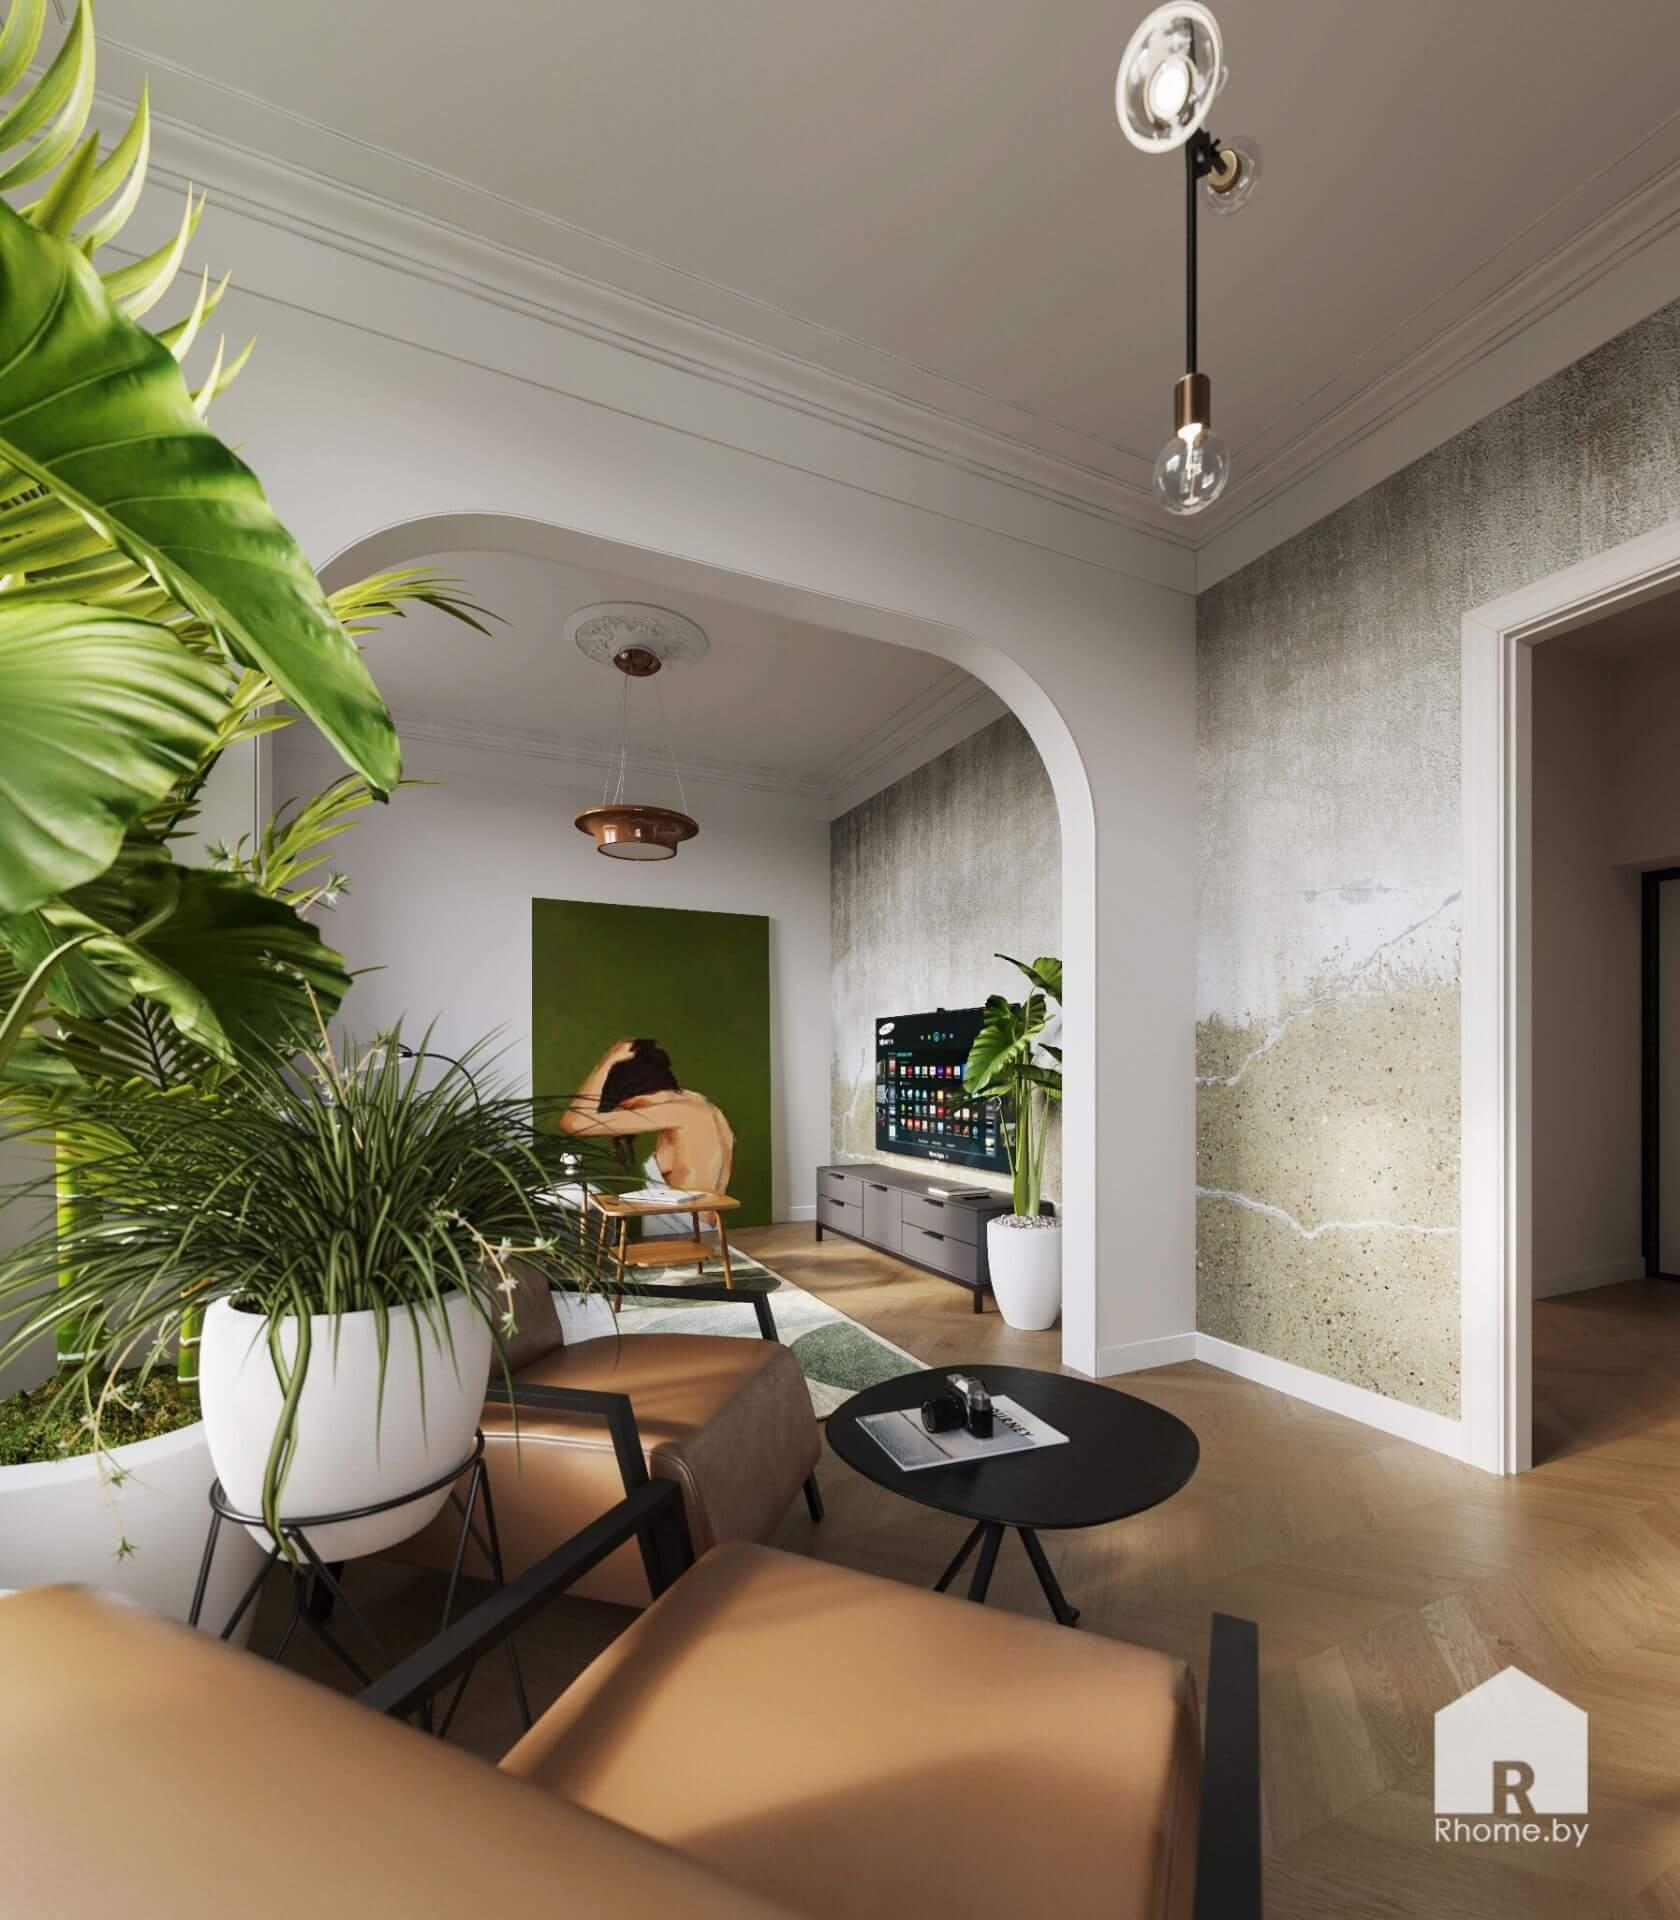 Гостиная с аркой, картина, комнатные растения.